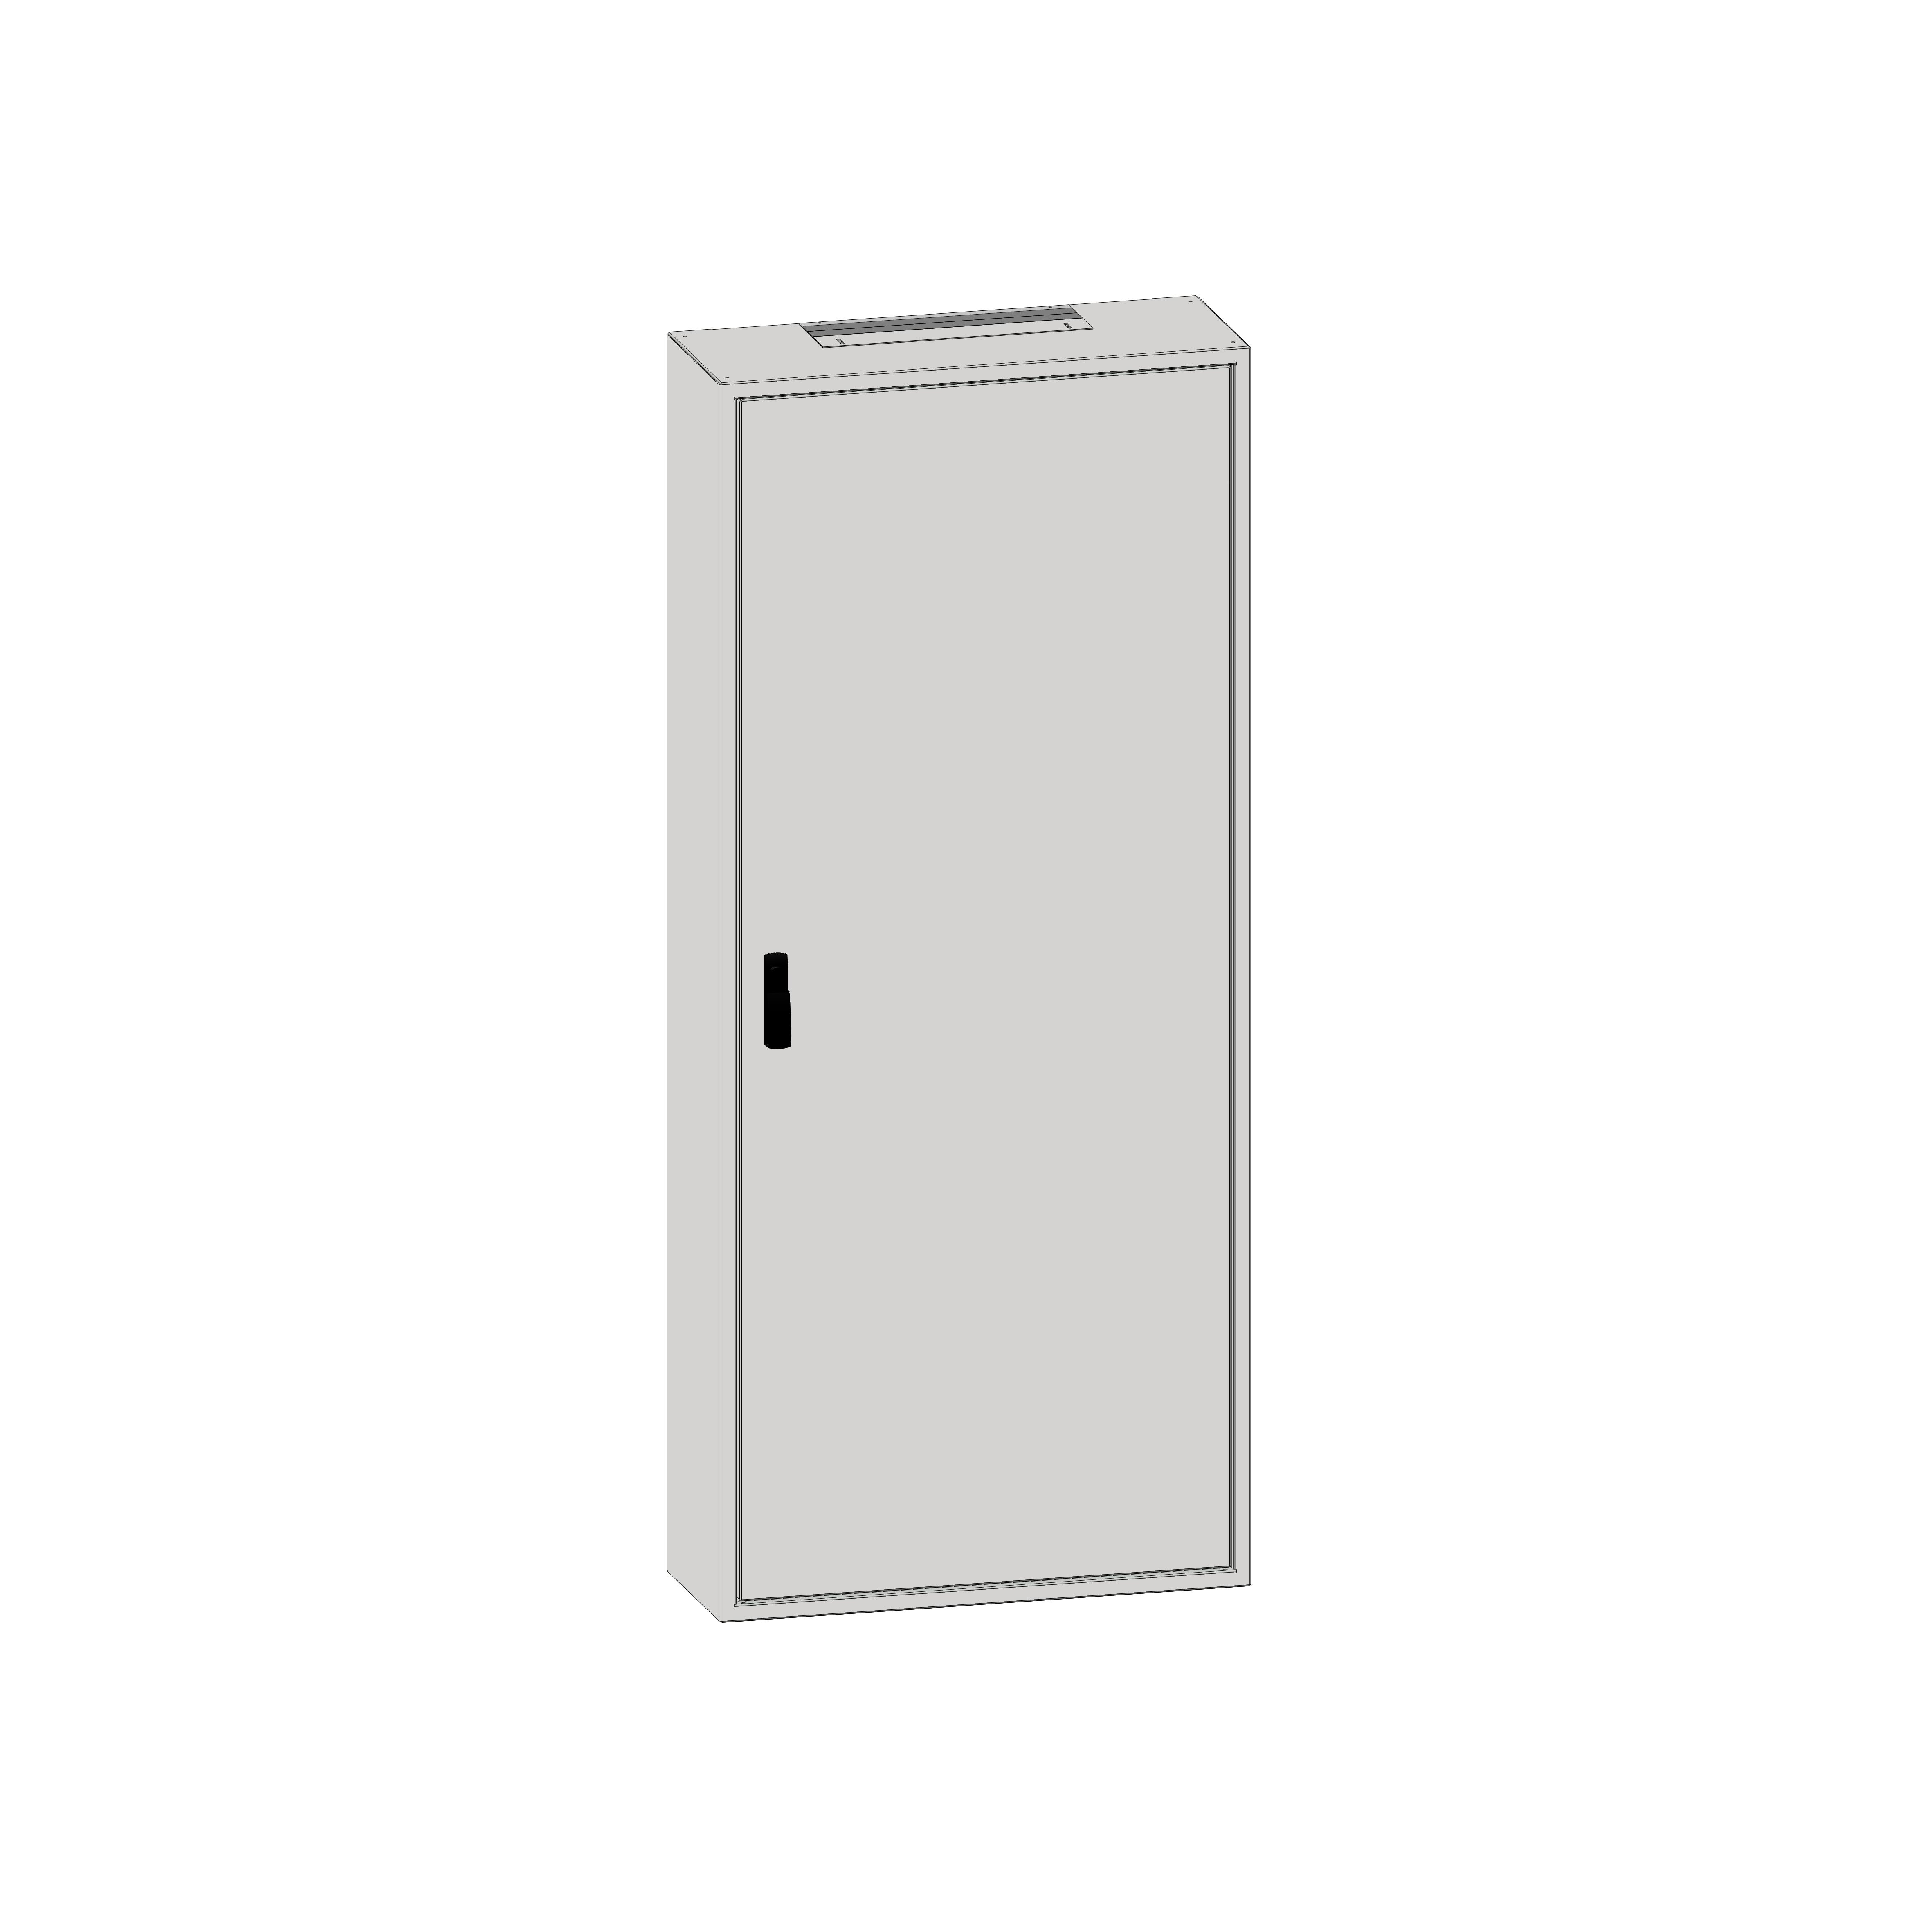 1 Stk Aufputz-Rahmen 2A-45 mit Türe, Rückwand und Schwenkhebel IL036245-F